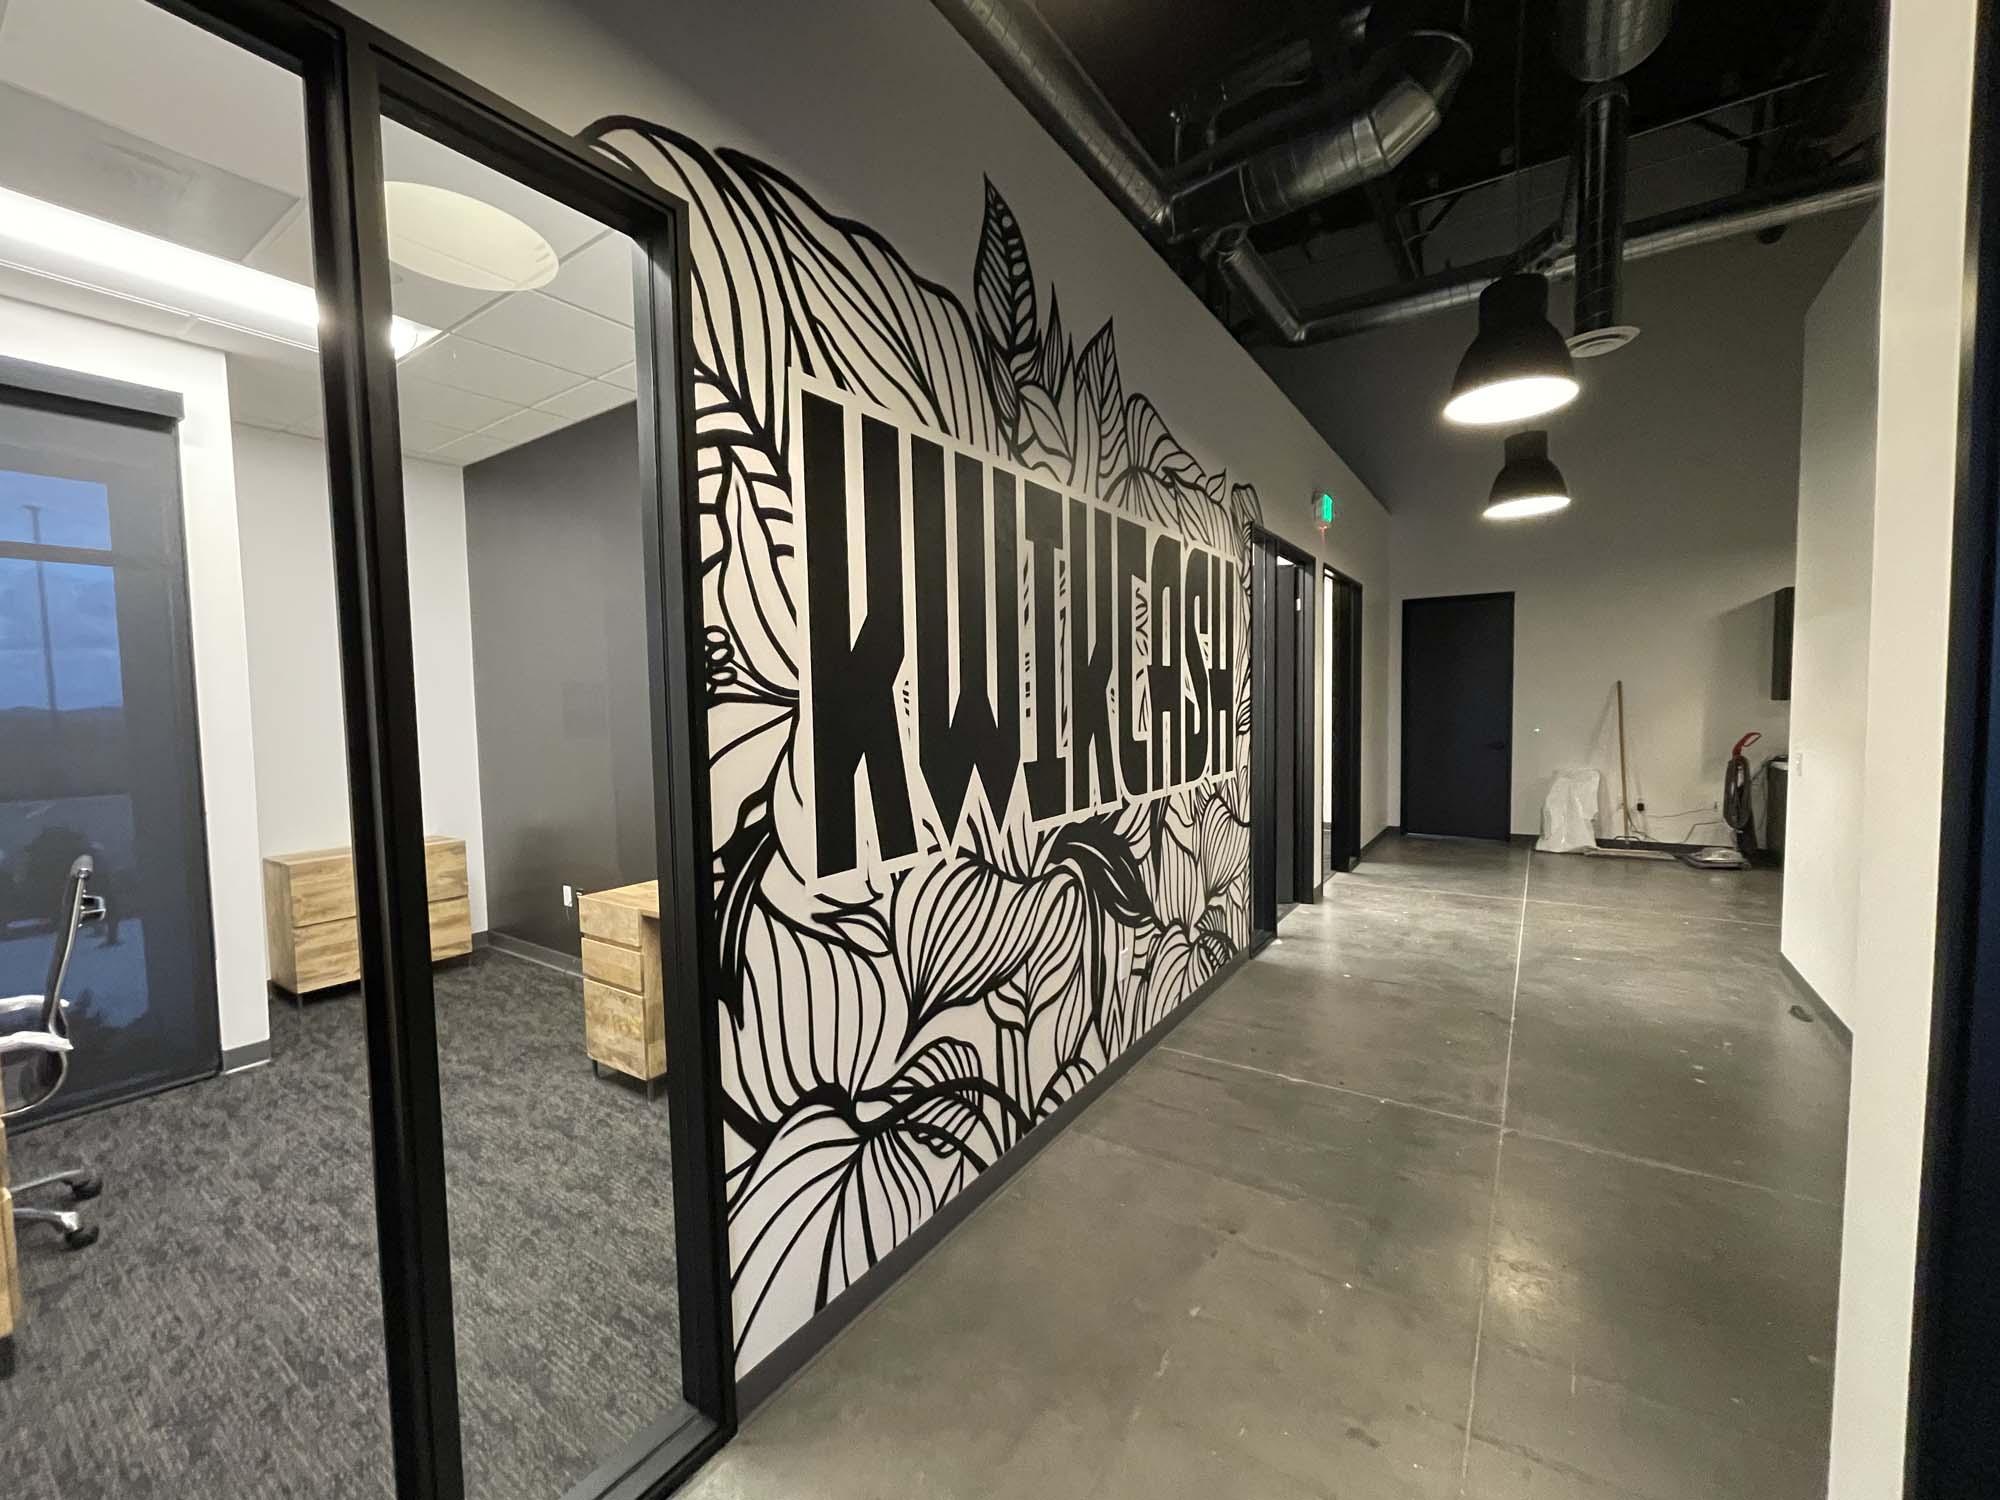 Black & White Graffiti Art Mural